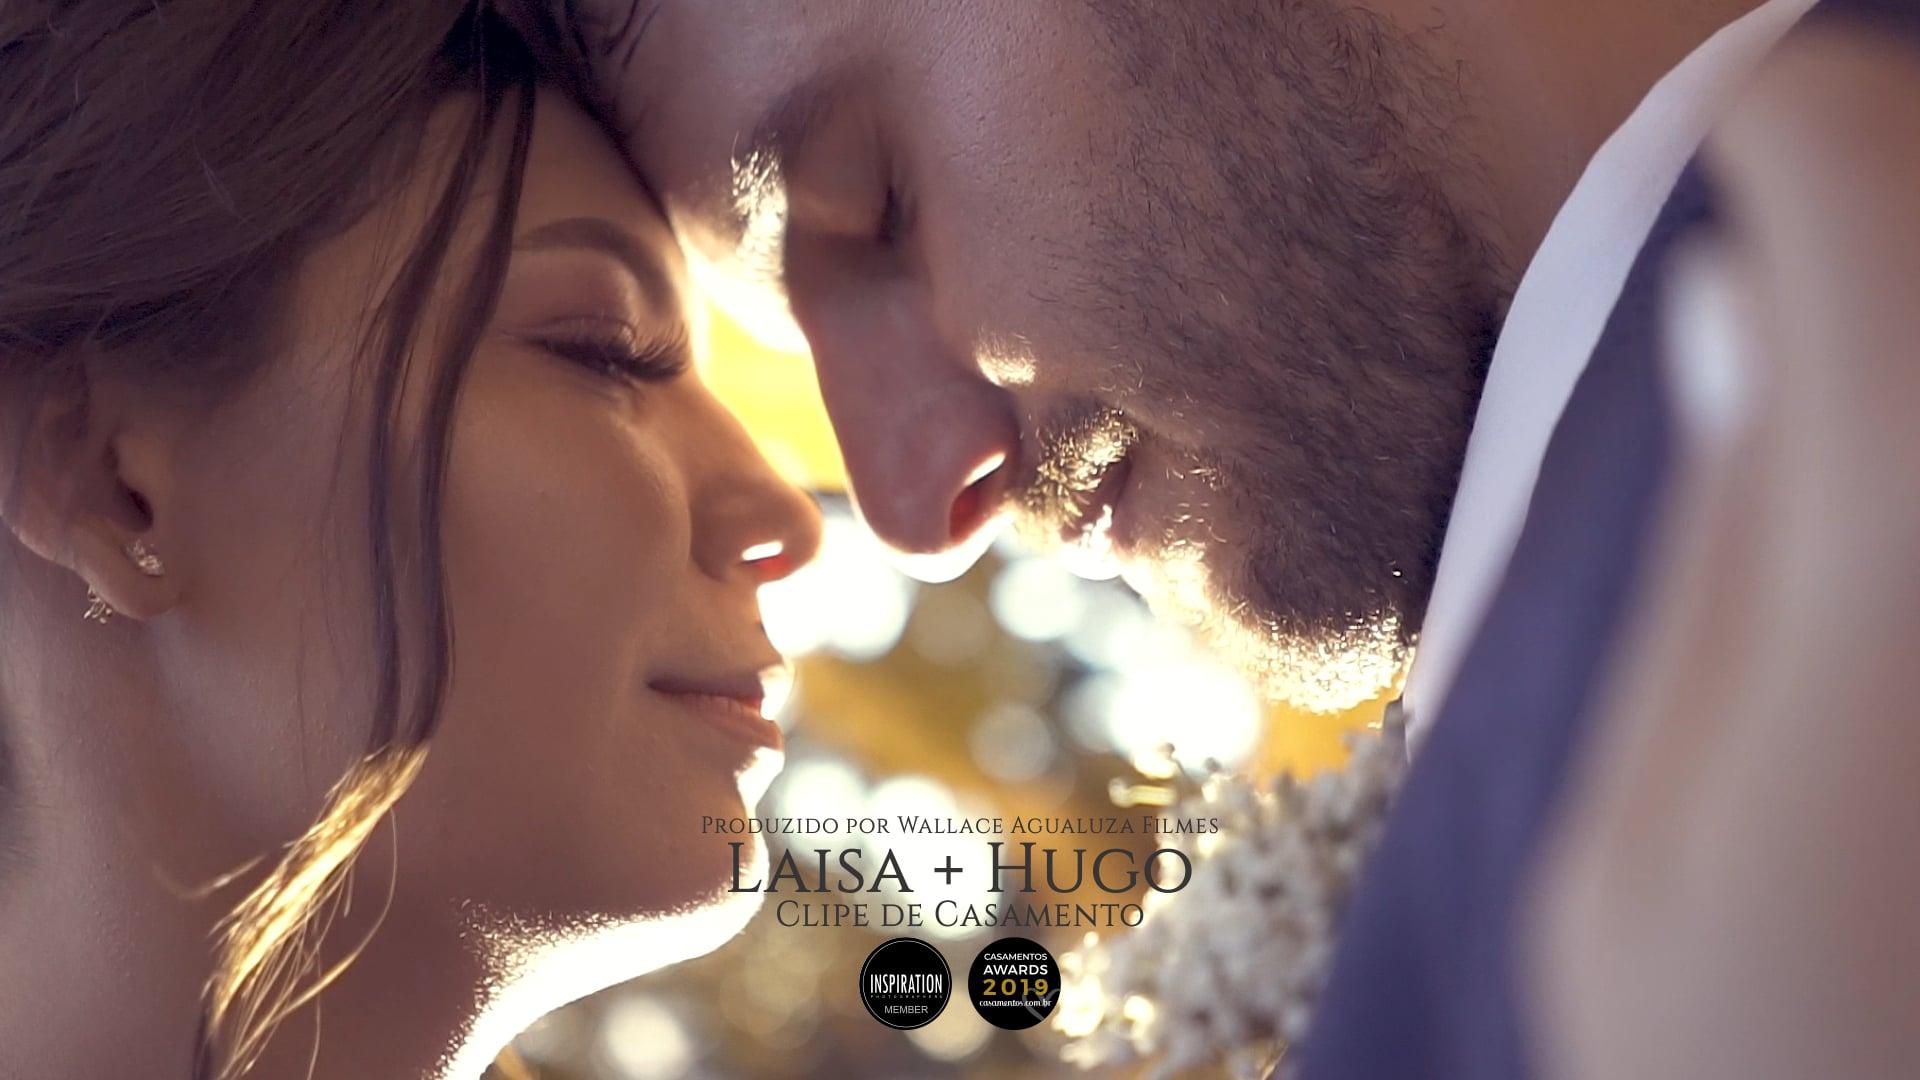 Laisa e Hugo | Clipe de Casamento